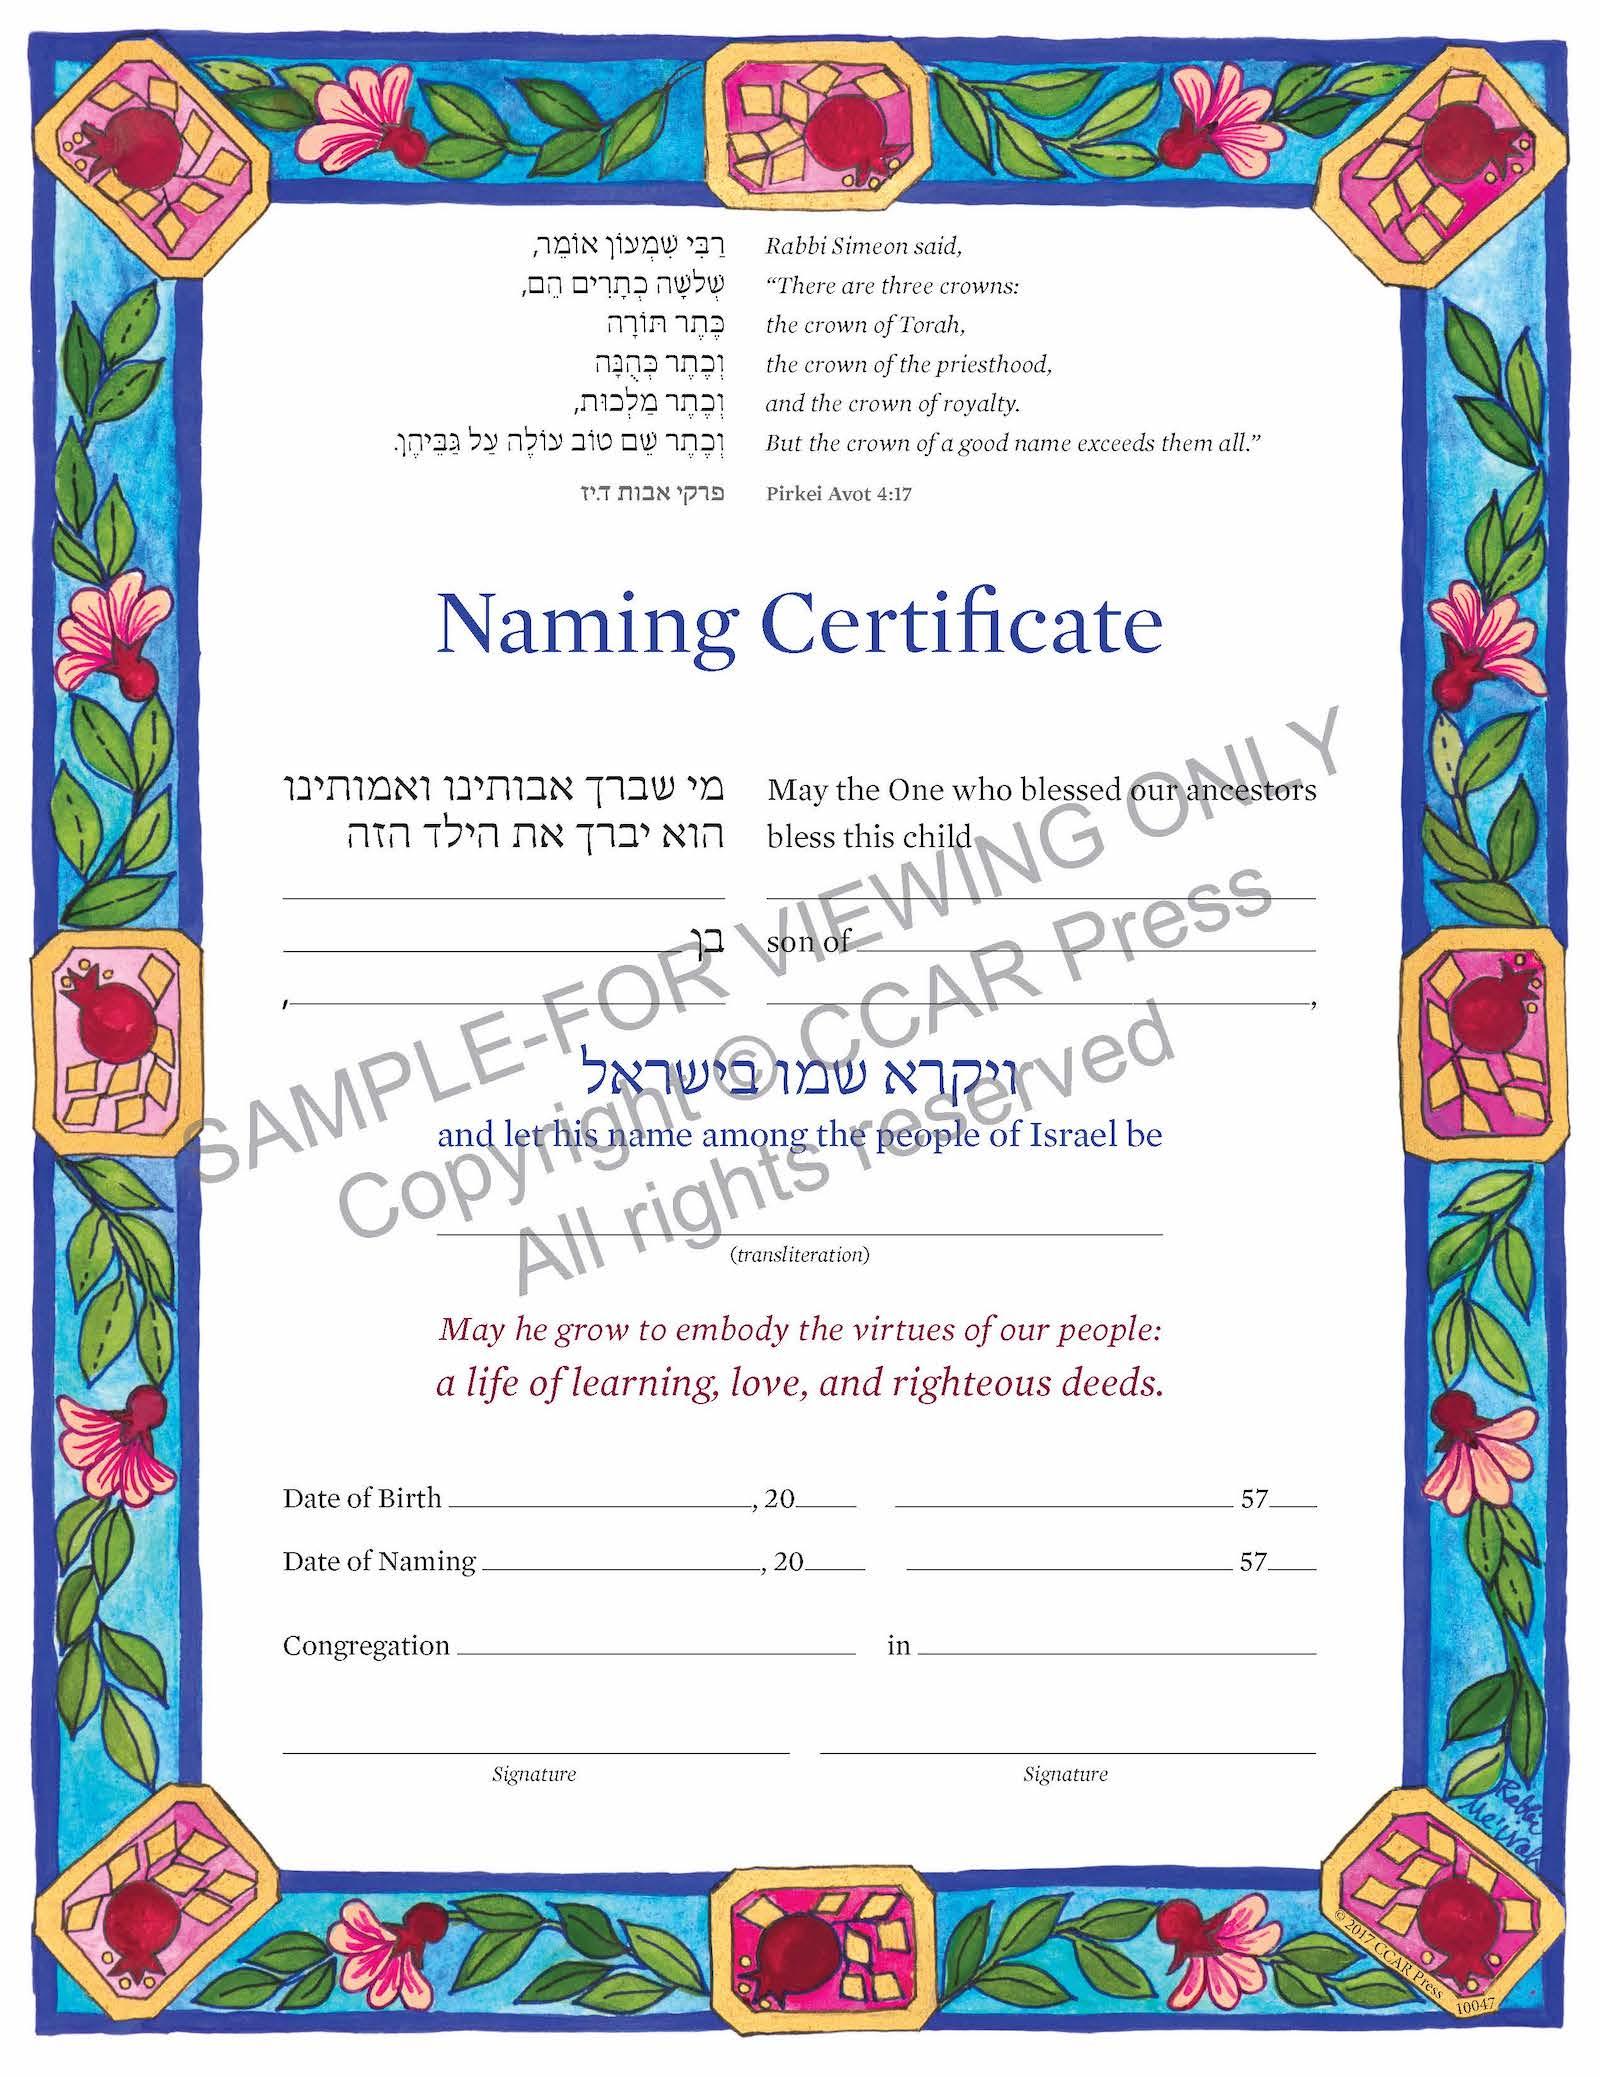 Child Naming, Boy - Certificate